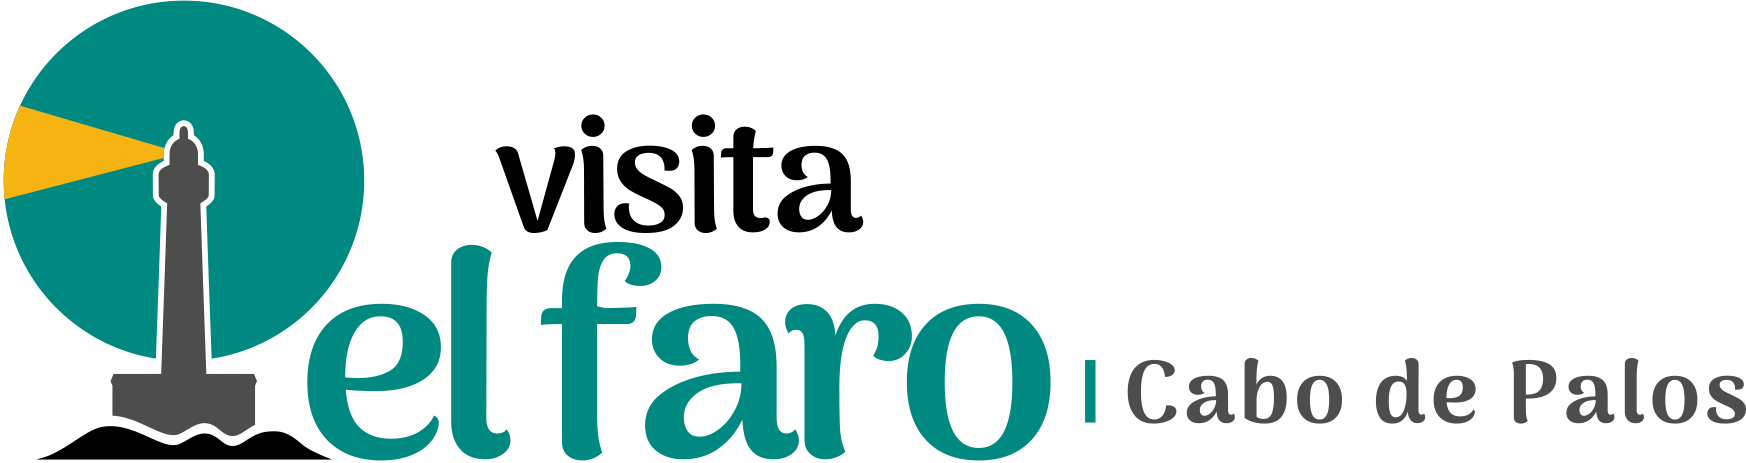 Visita el Faro